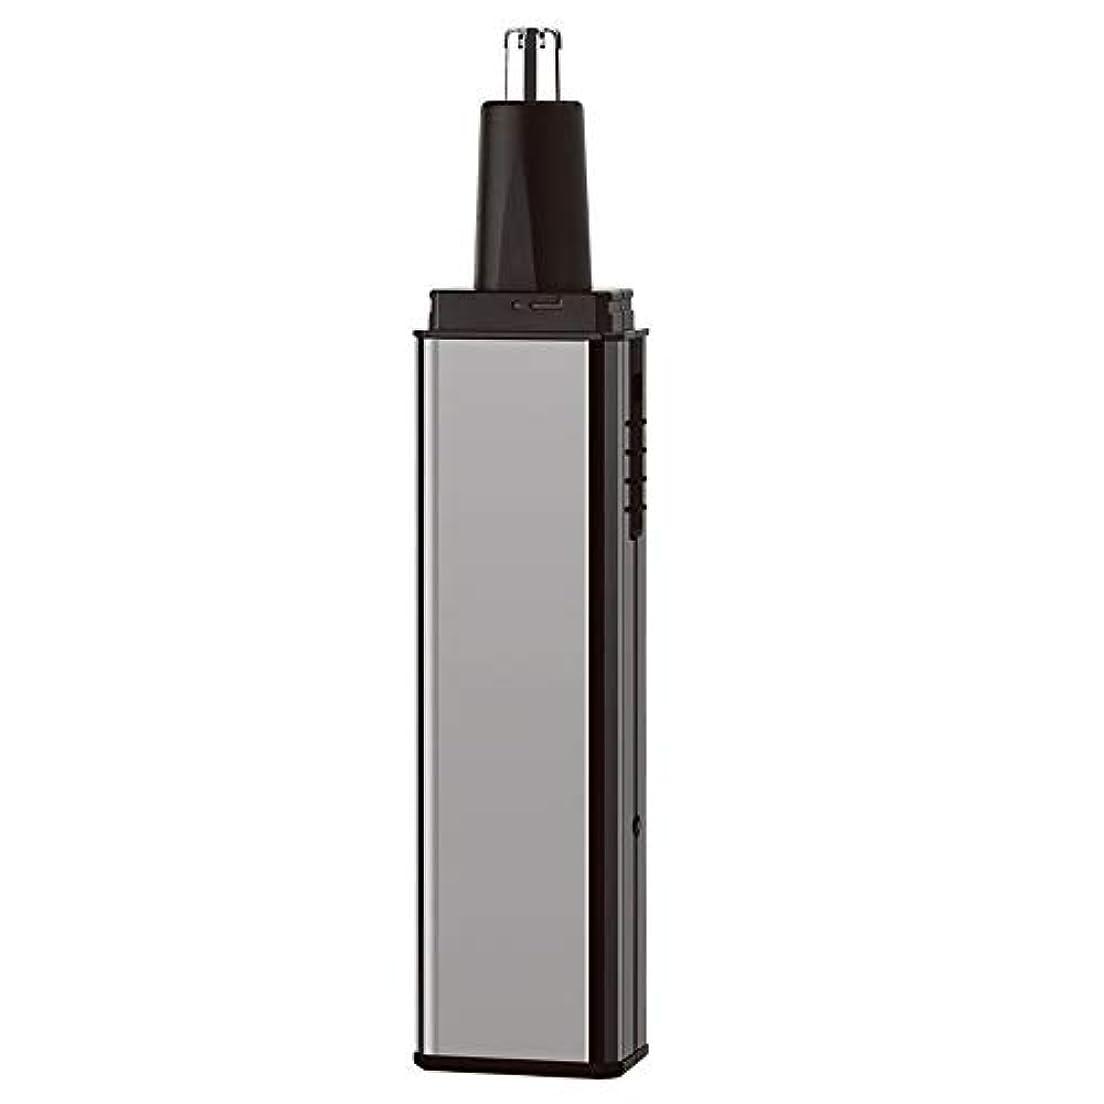 免疫ロゴ中世の鼻毛トリマー-多機能スーツフォーインワン/電気鼻毛トリマー/ステンレススチール/多機能/ 13.5 * 2.7cm 持つ価値があります